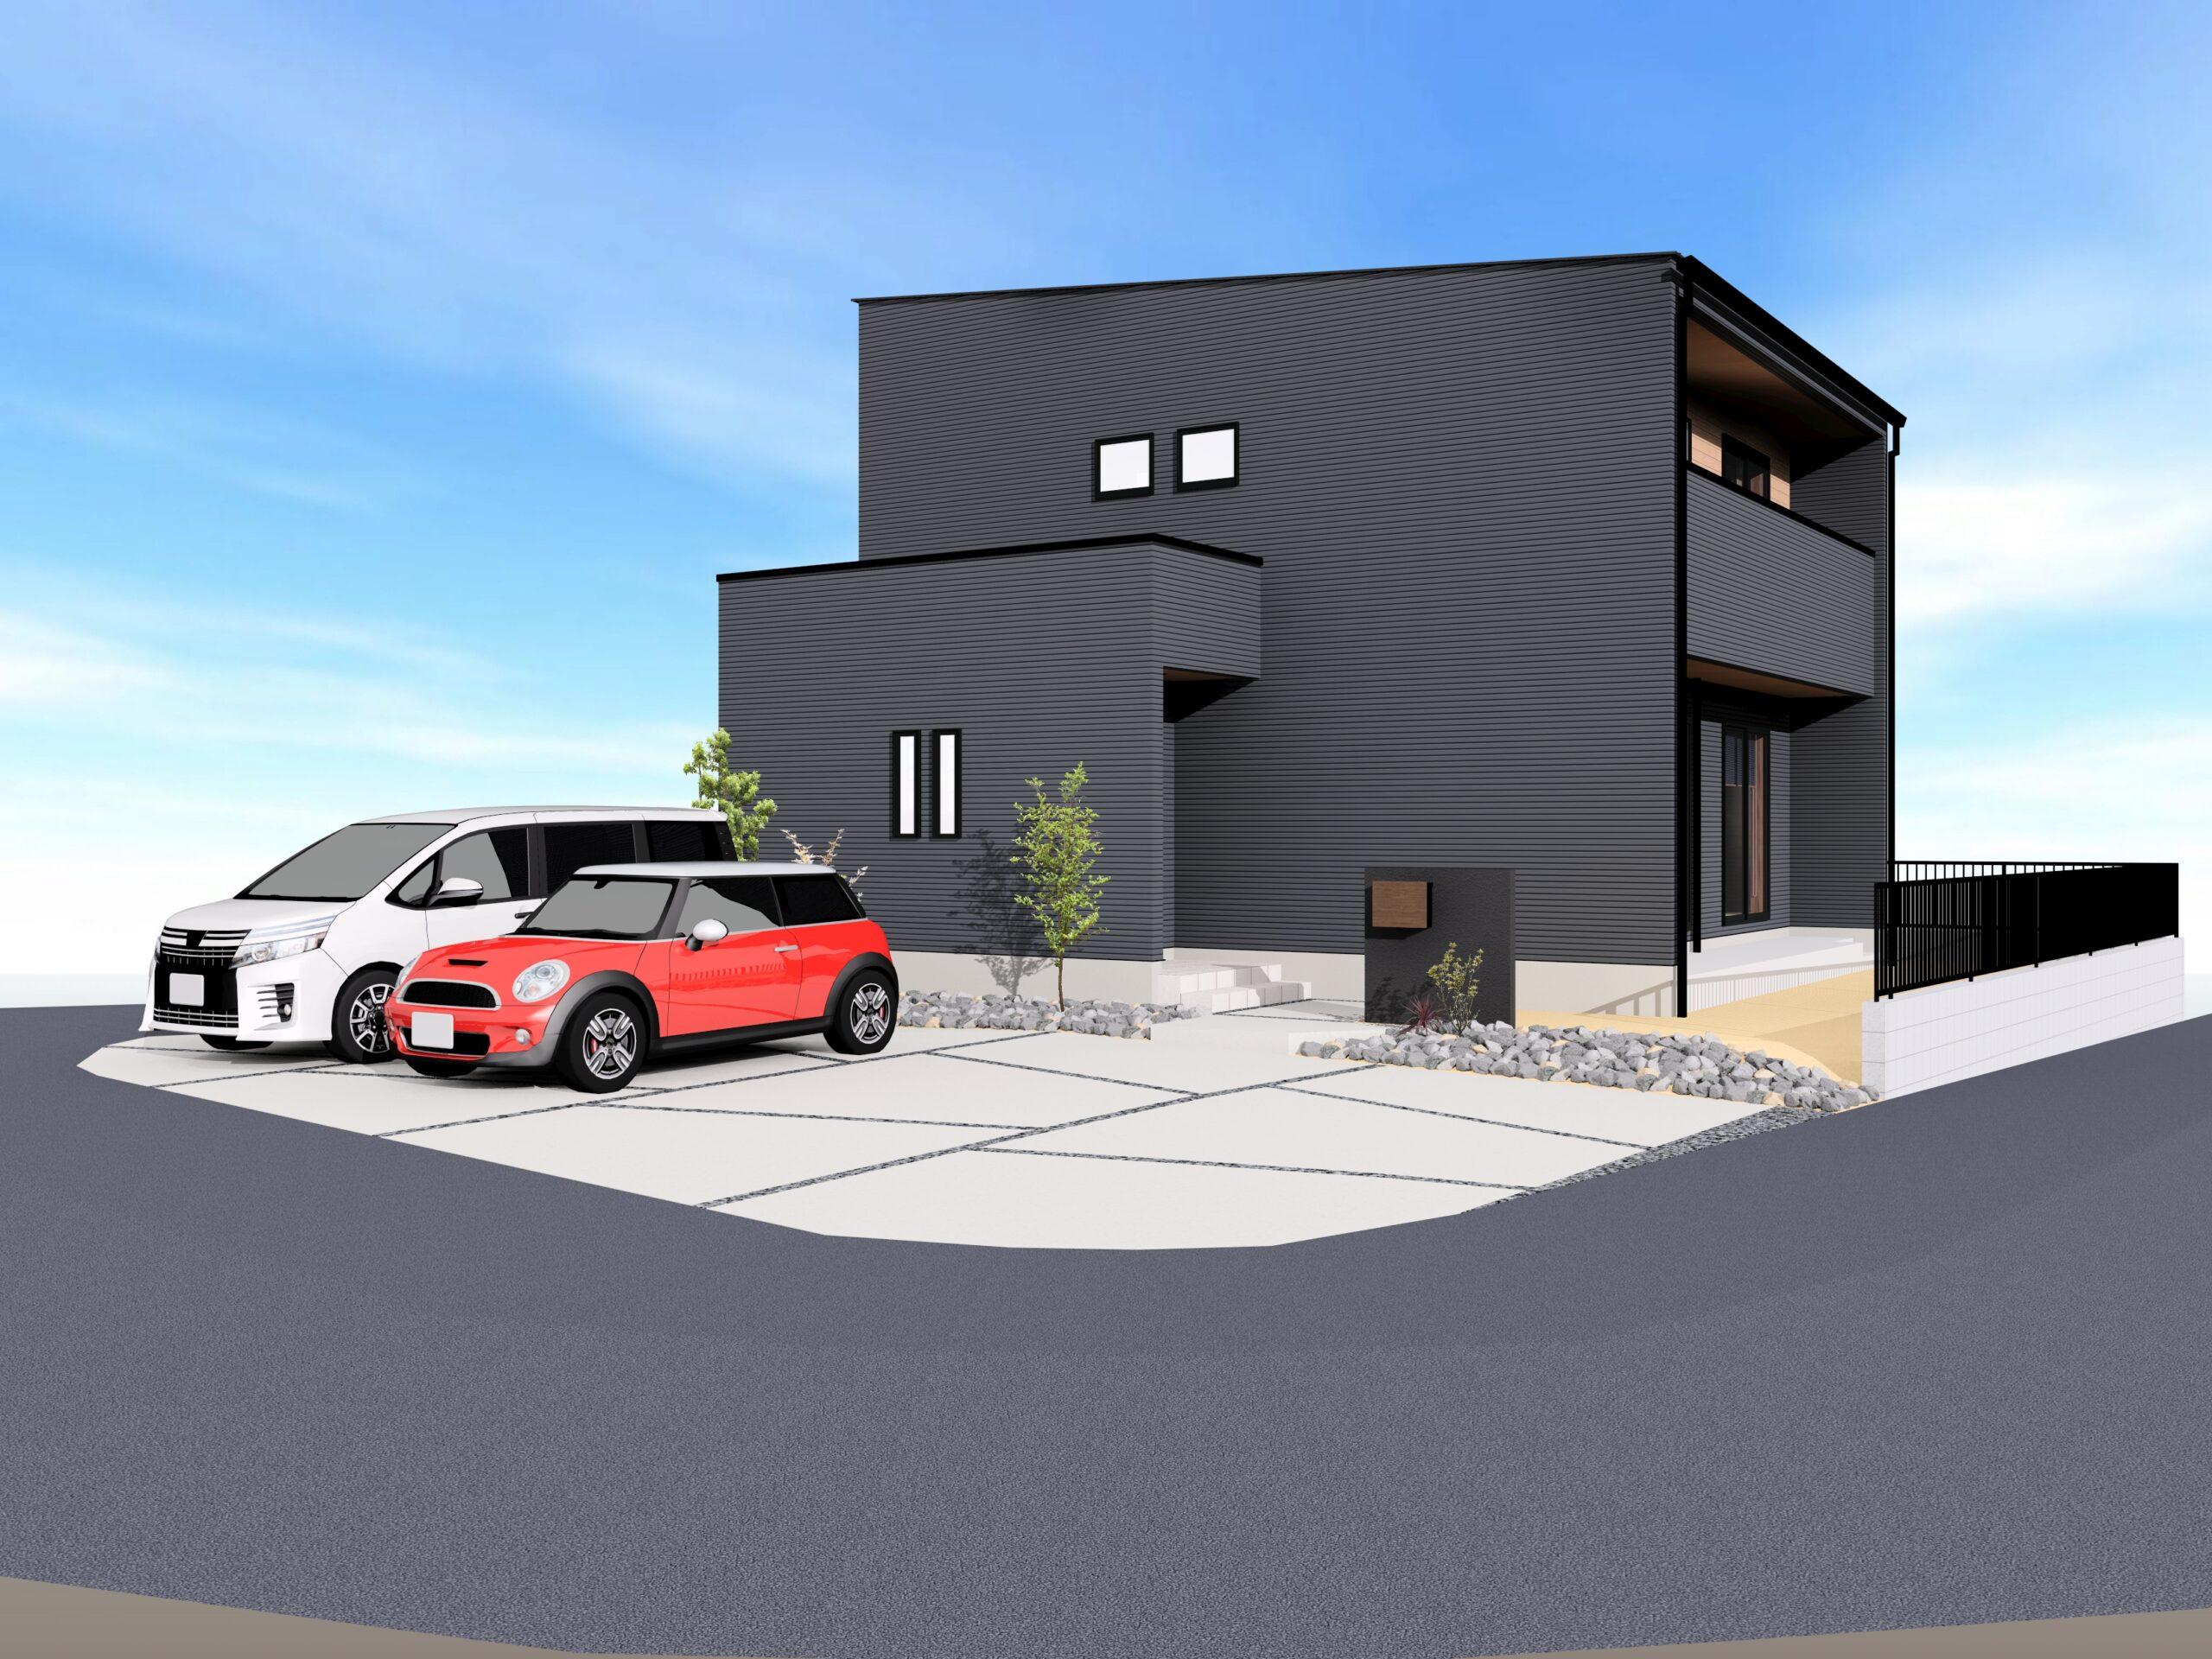 鹿島市新築建売住宅「OURS高津原」